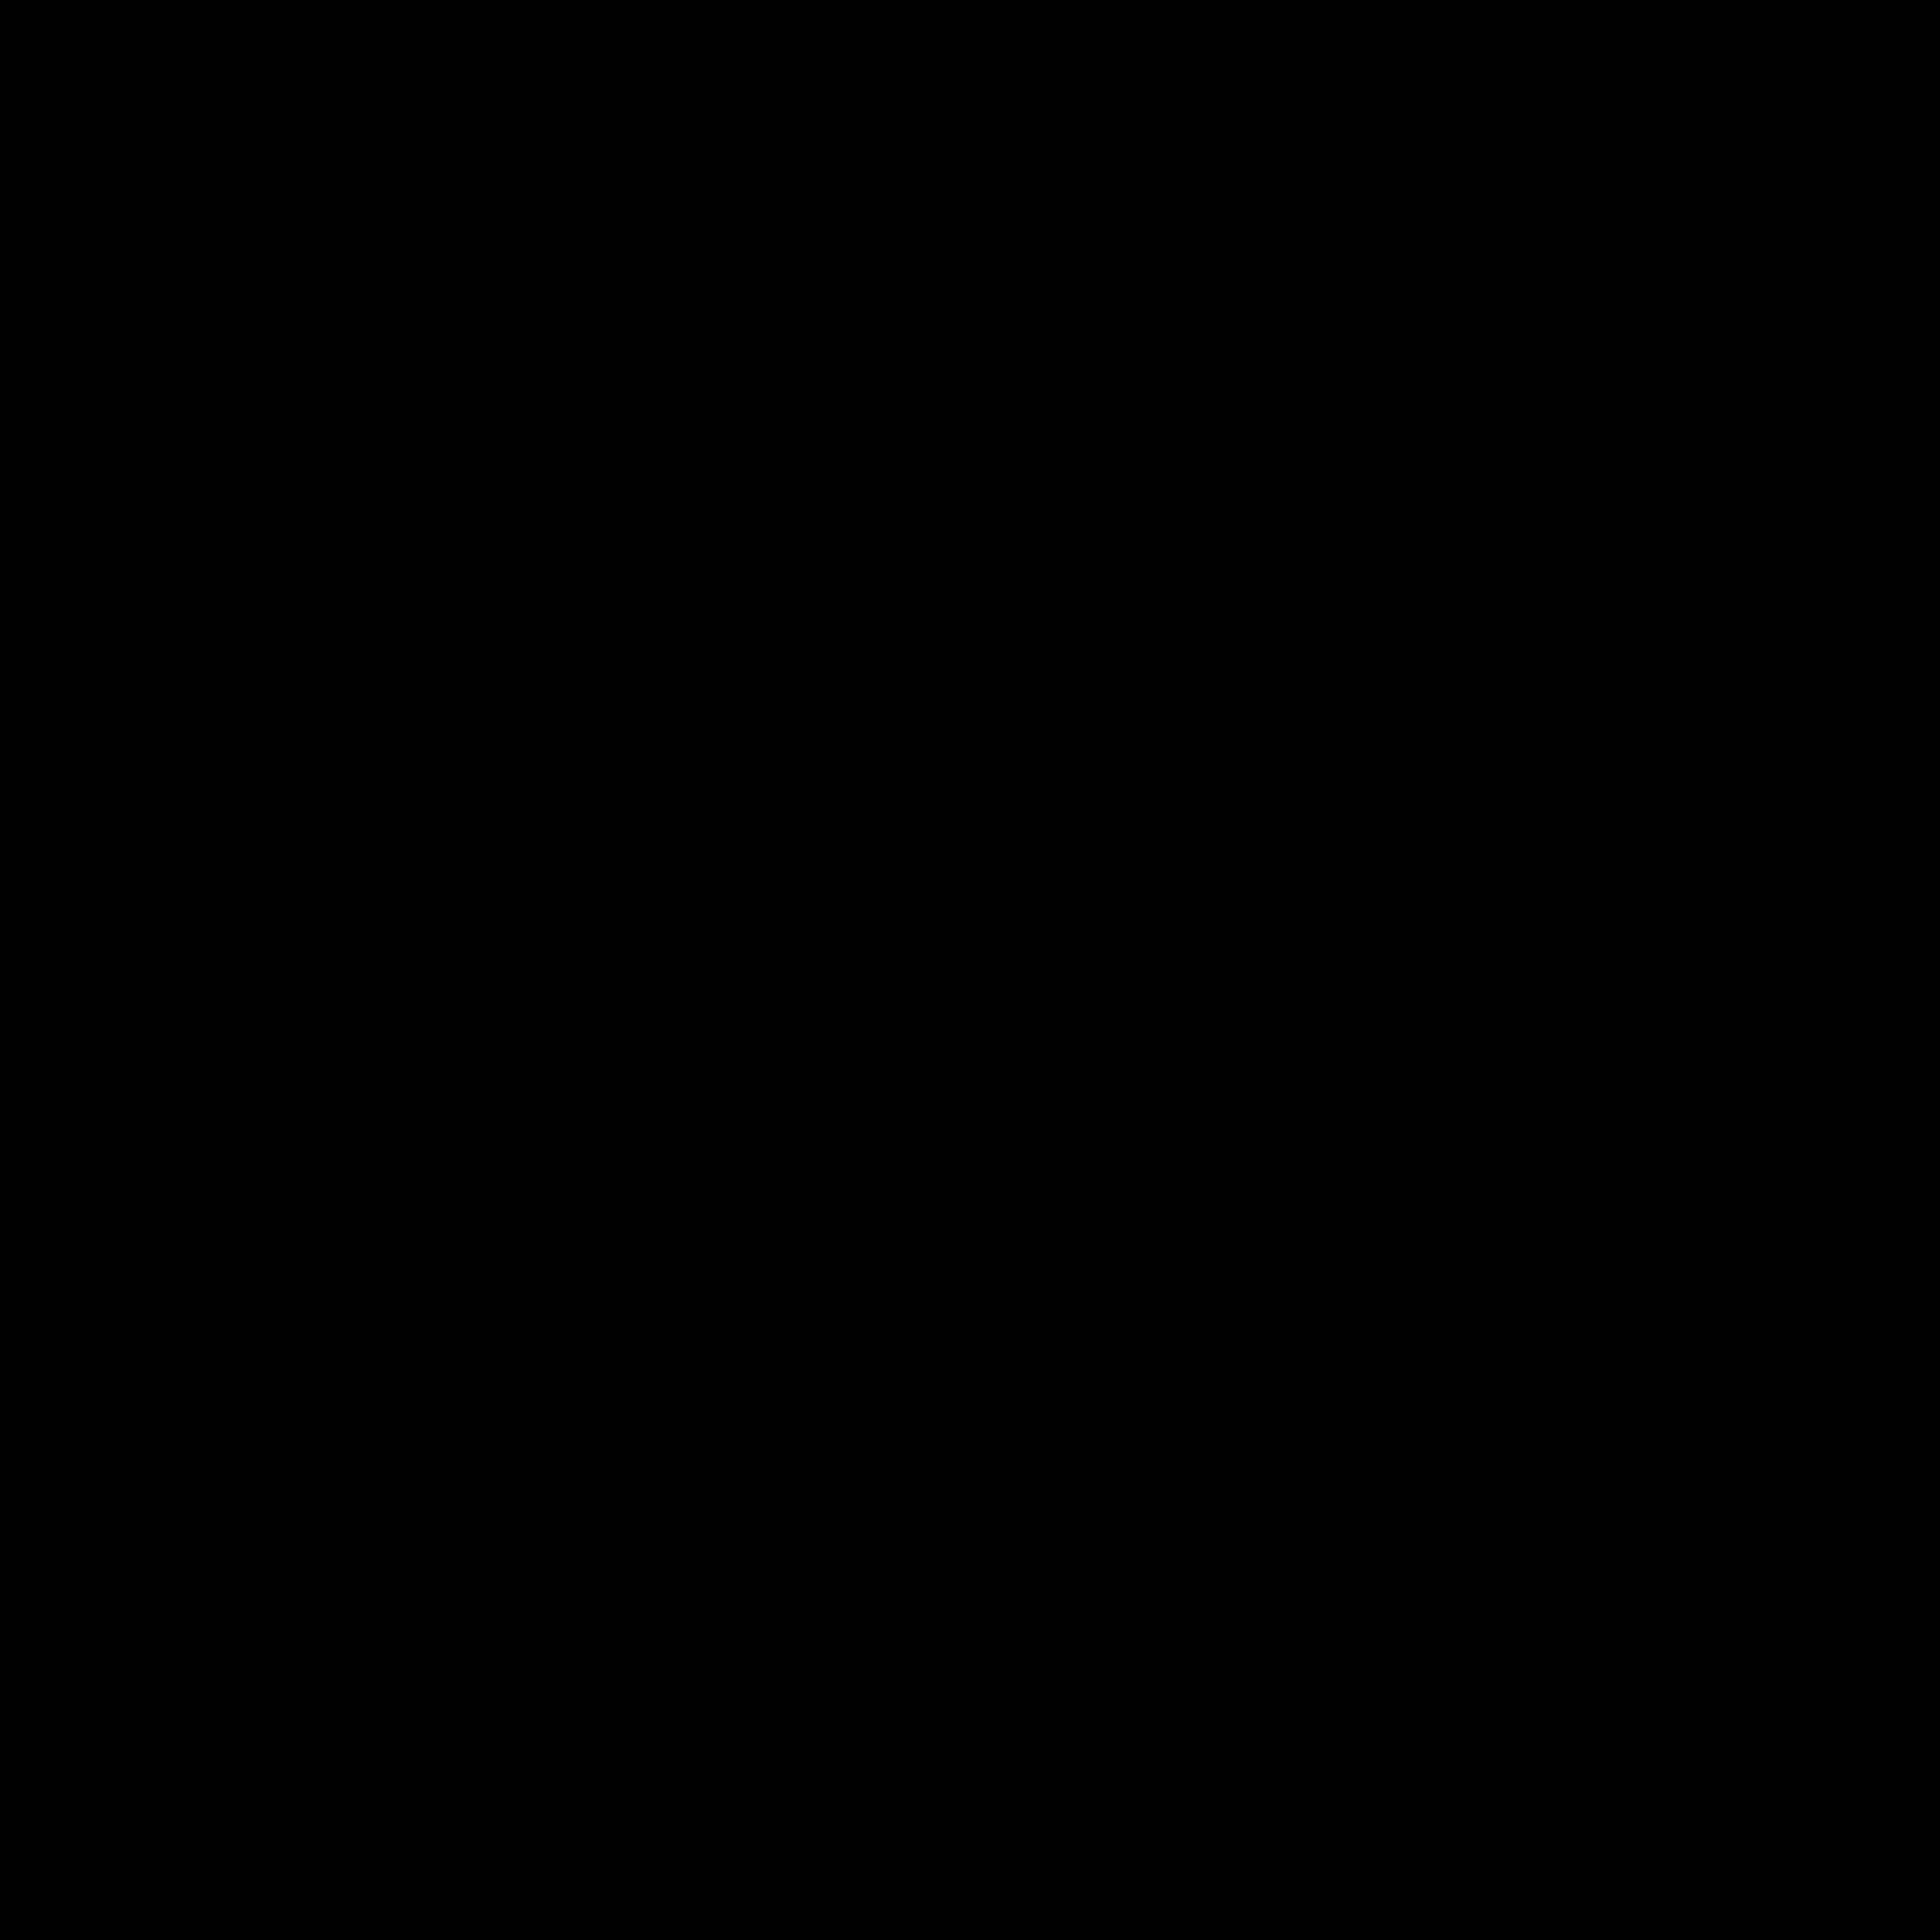 ETH Logo PNG Transparent & SVG Vector.